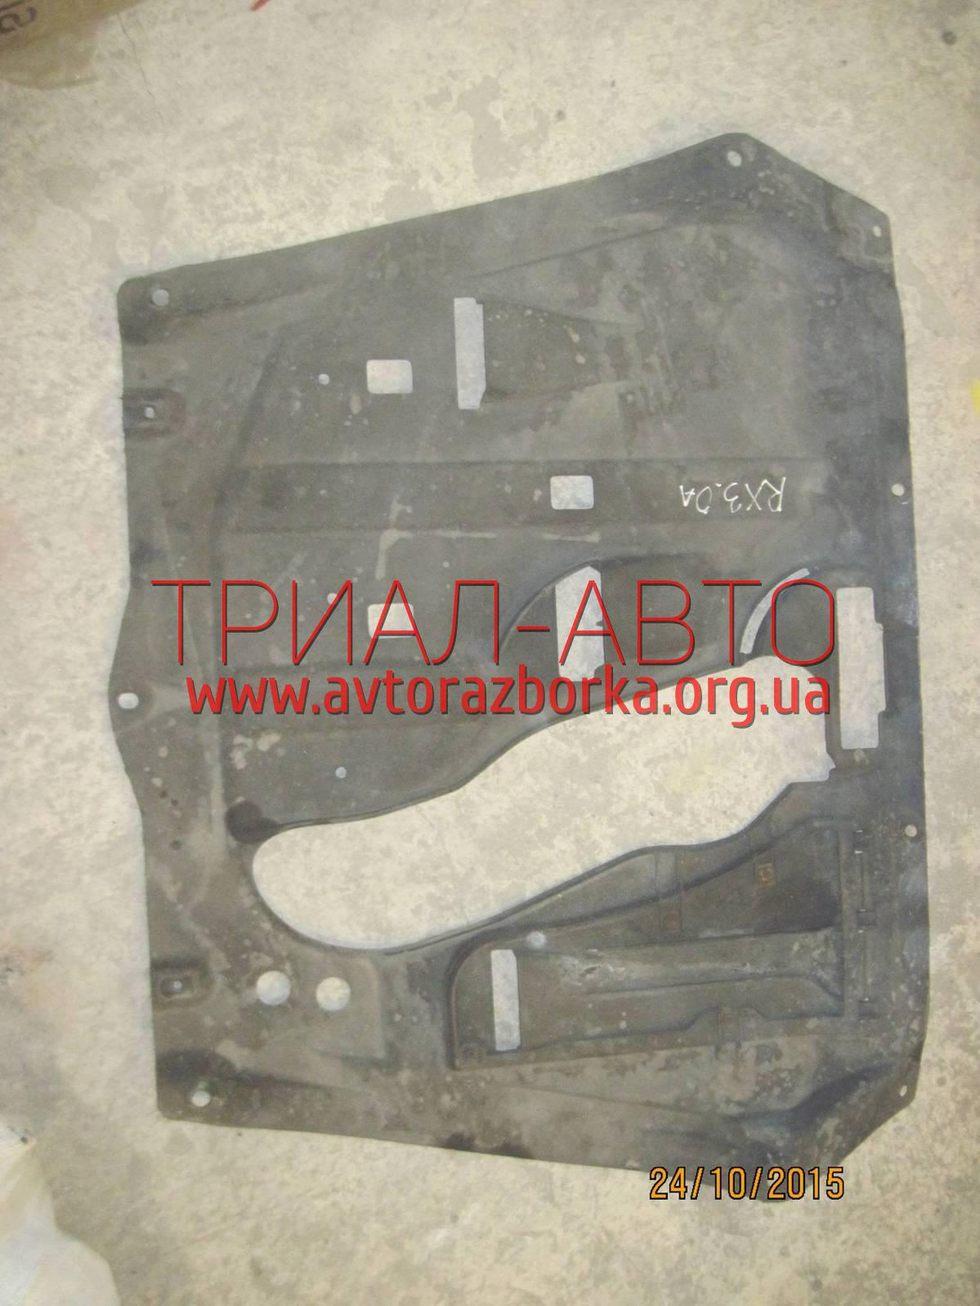 Защита двигателя на Lexus RX 2003-2009 г.в.